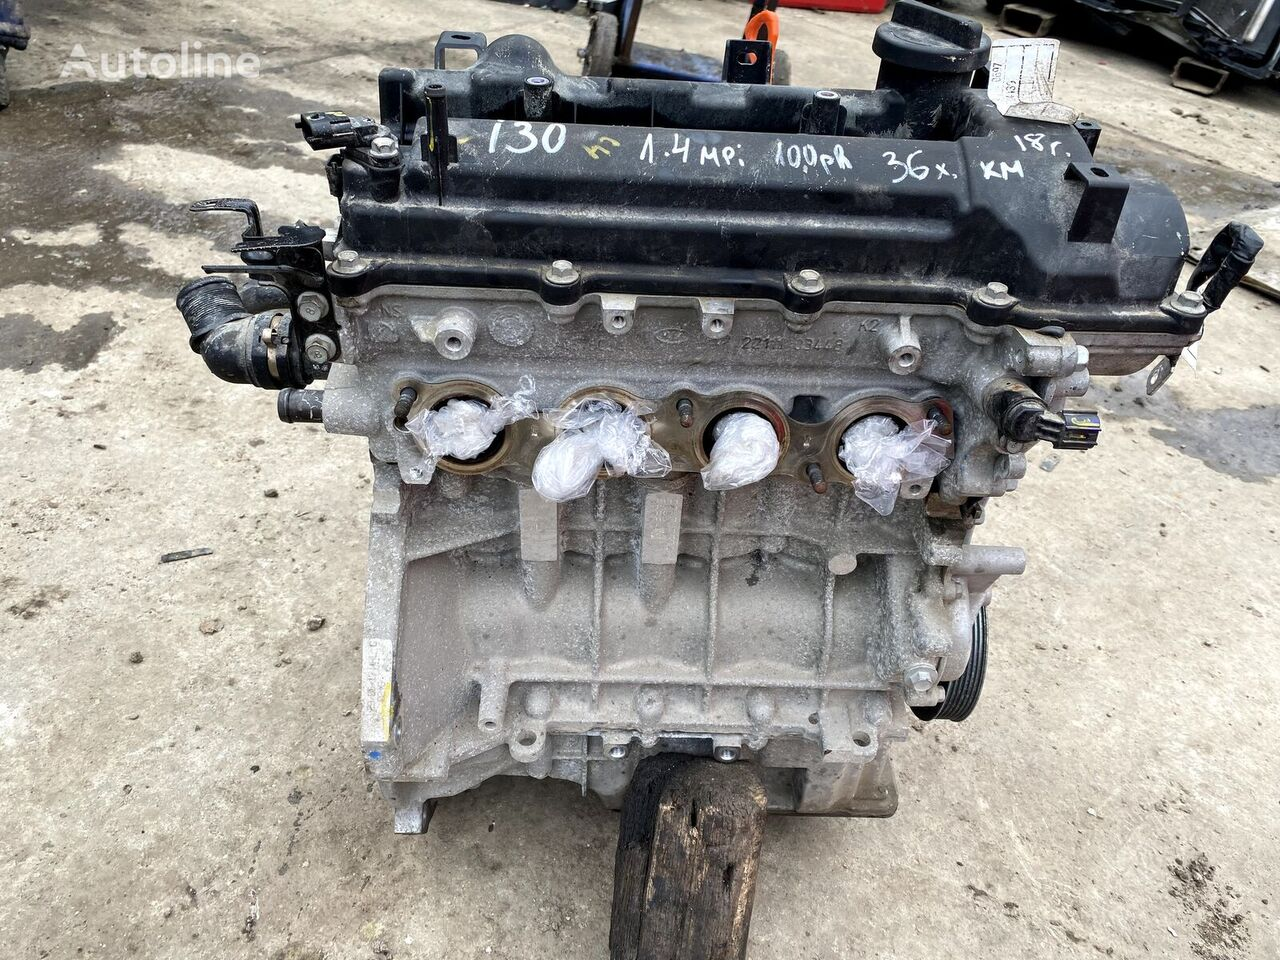 HYUNDAI I 30, 1.4MPI, G4LC (1.4 MPI) dzinējs paredzēts HYUNDAI I 30 viegla automobiļa